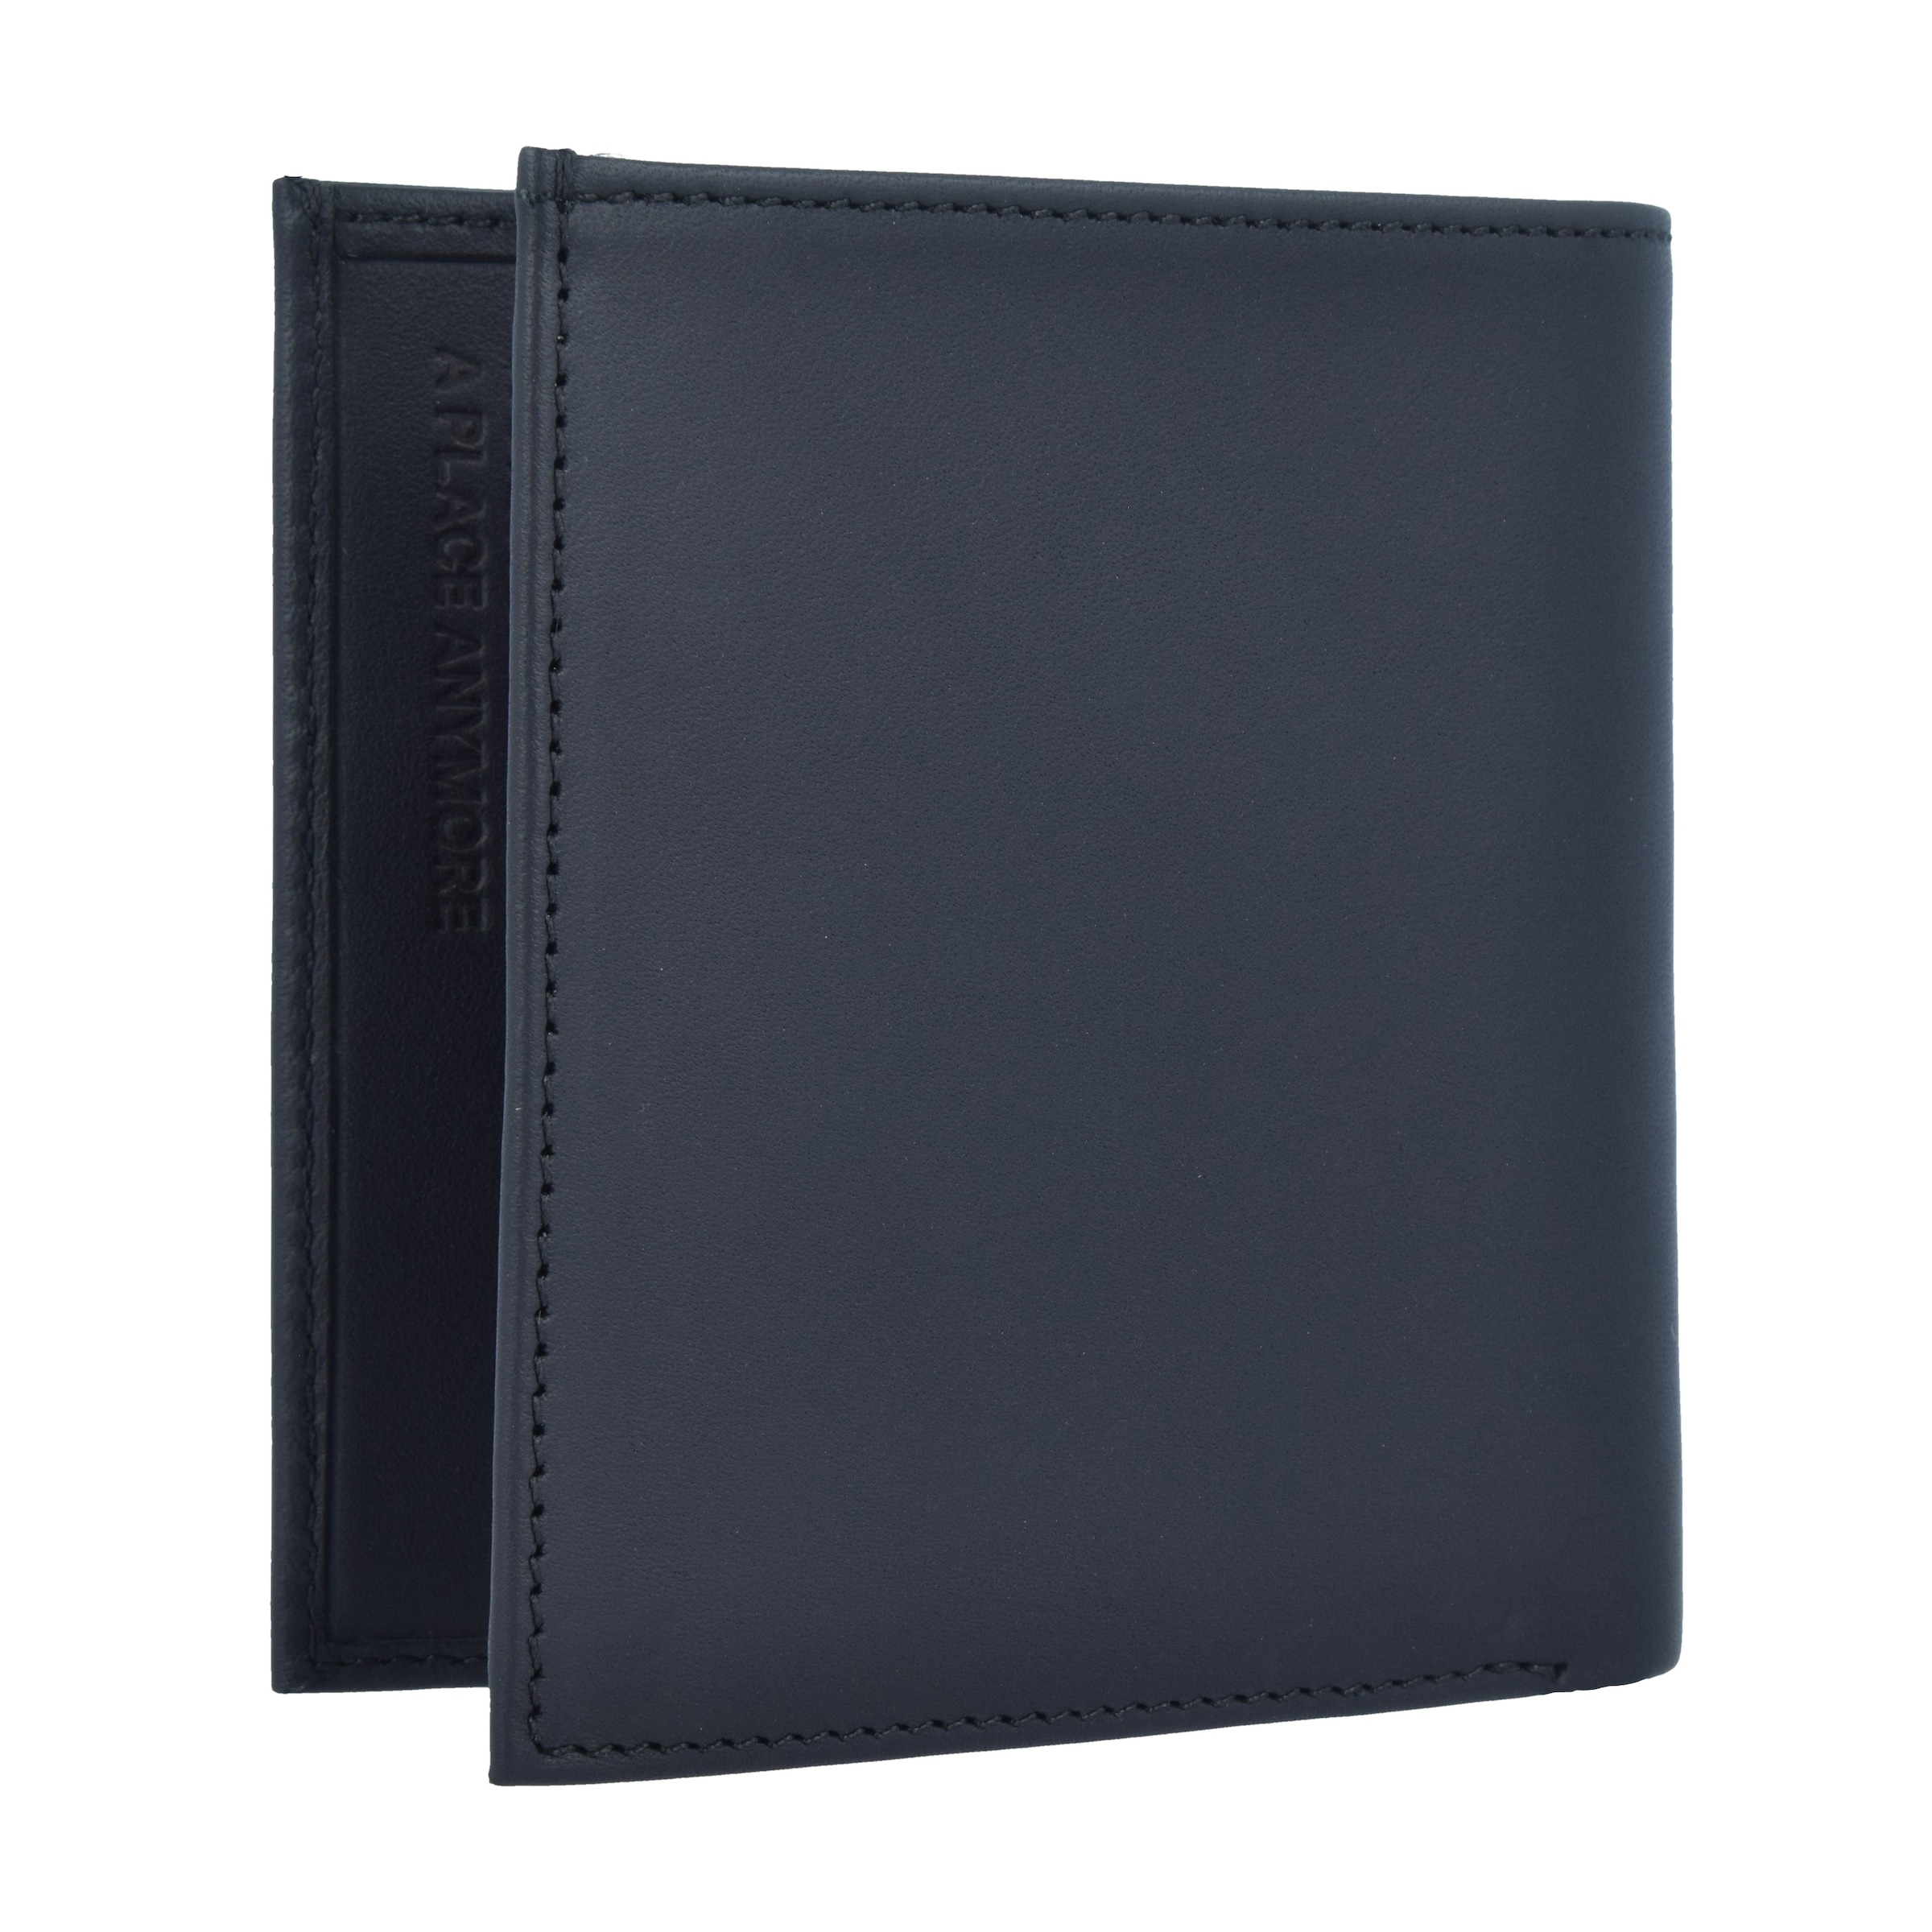 Schwarz Salzen Geldbörse Wallet' In 'standard 9 Cm 3Ac4jSRL5q